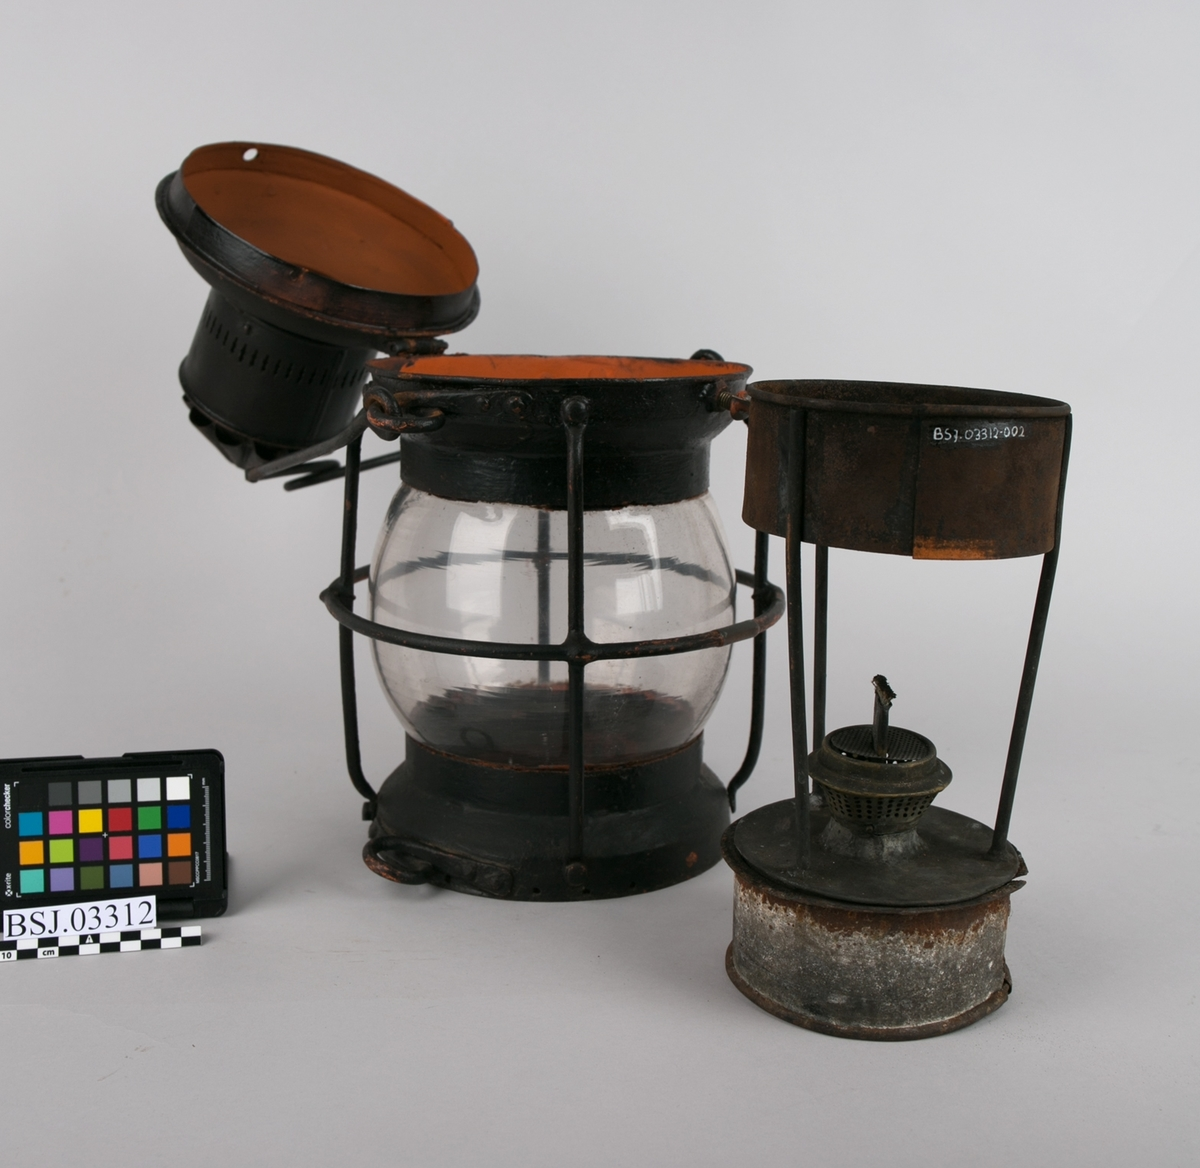 Kulelanterne med parafinbrenner/oljebrenner. Rund hank for opphenging og åpning på topp for å komme til brenneren. Klart lampeglass med beskyttelsesgitter.